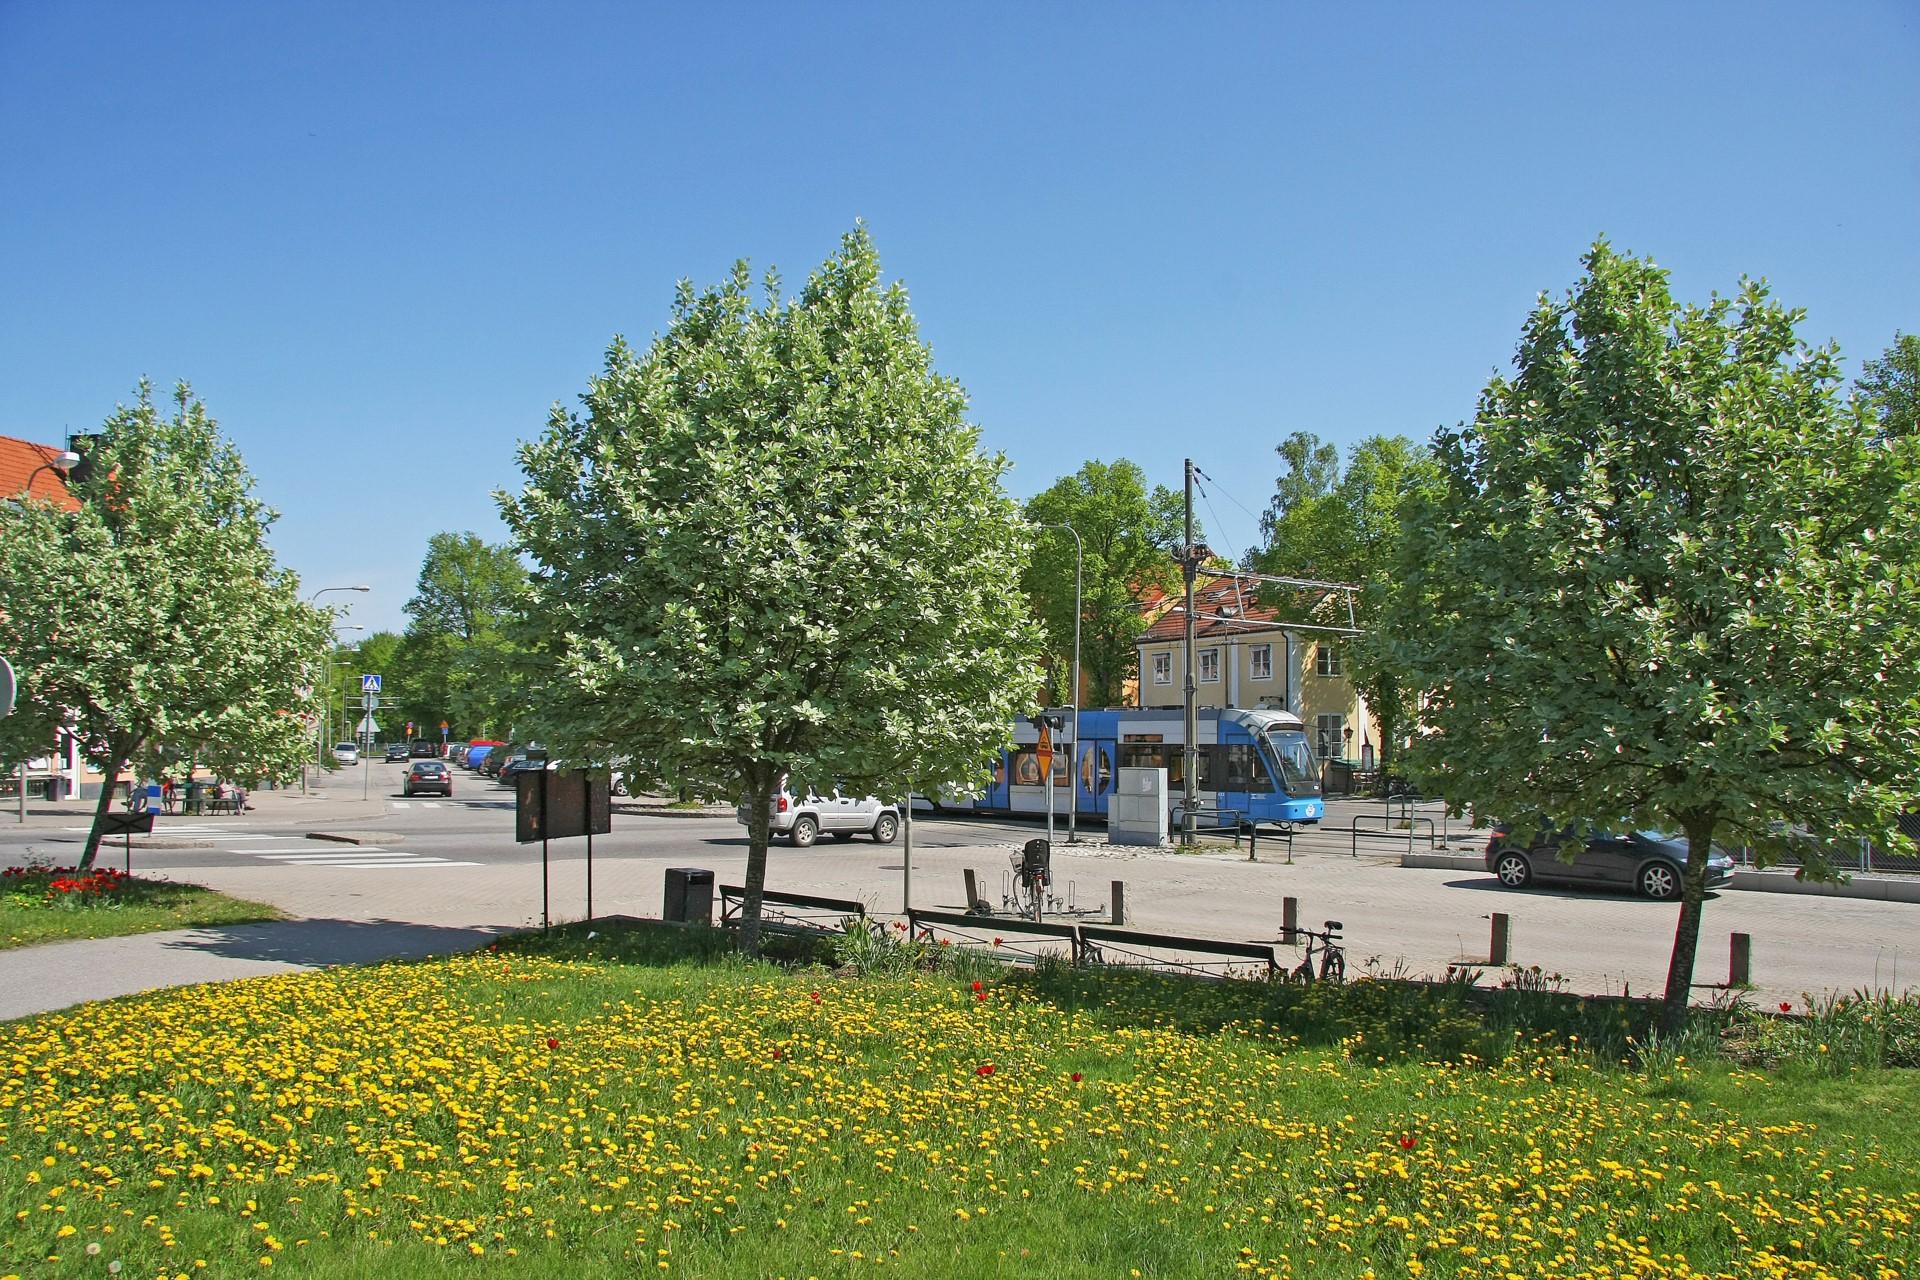 Hållplats vid Alléparken